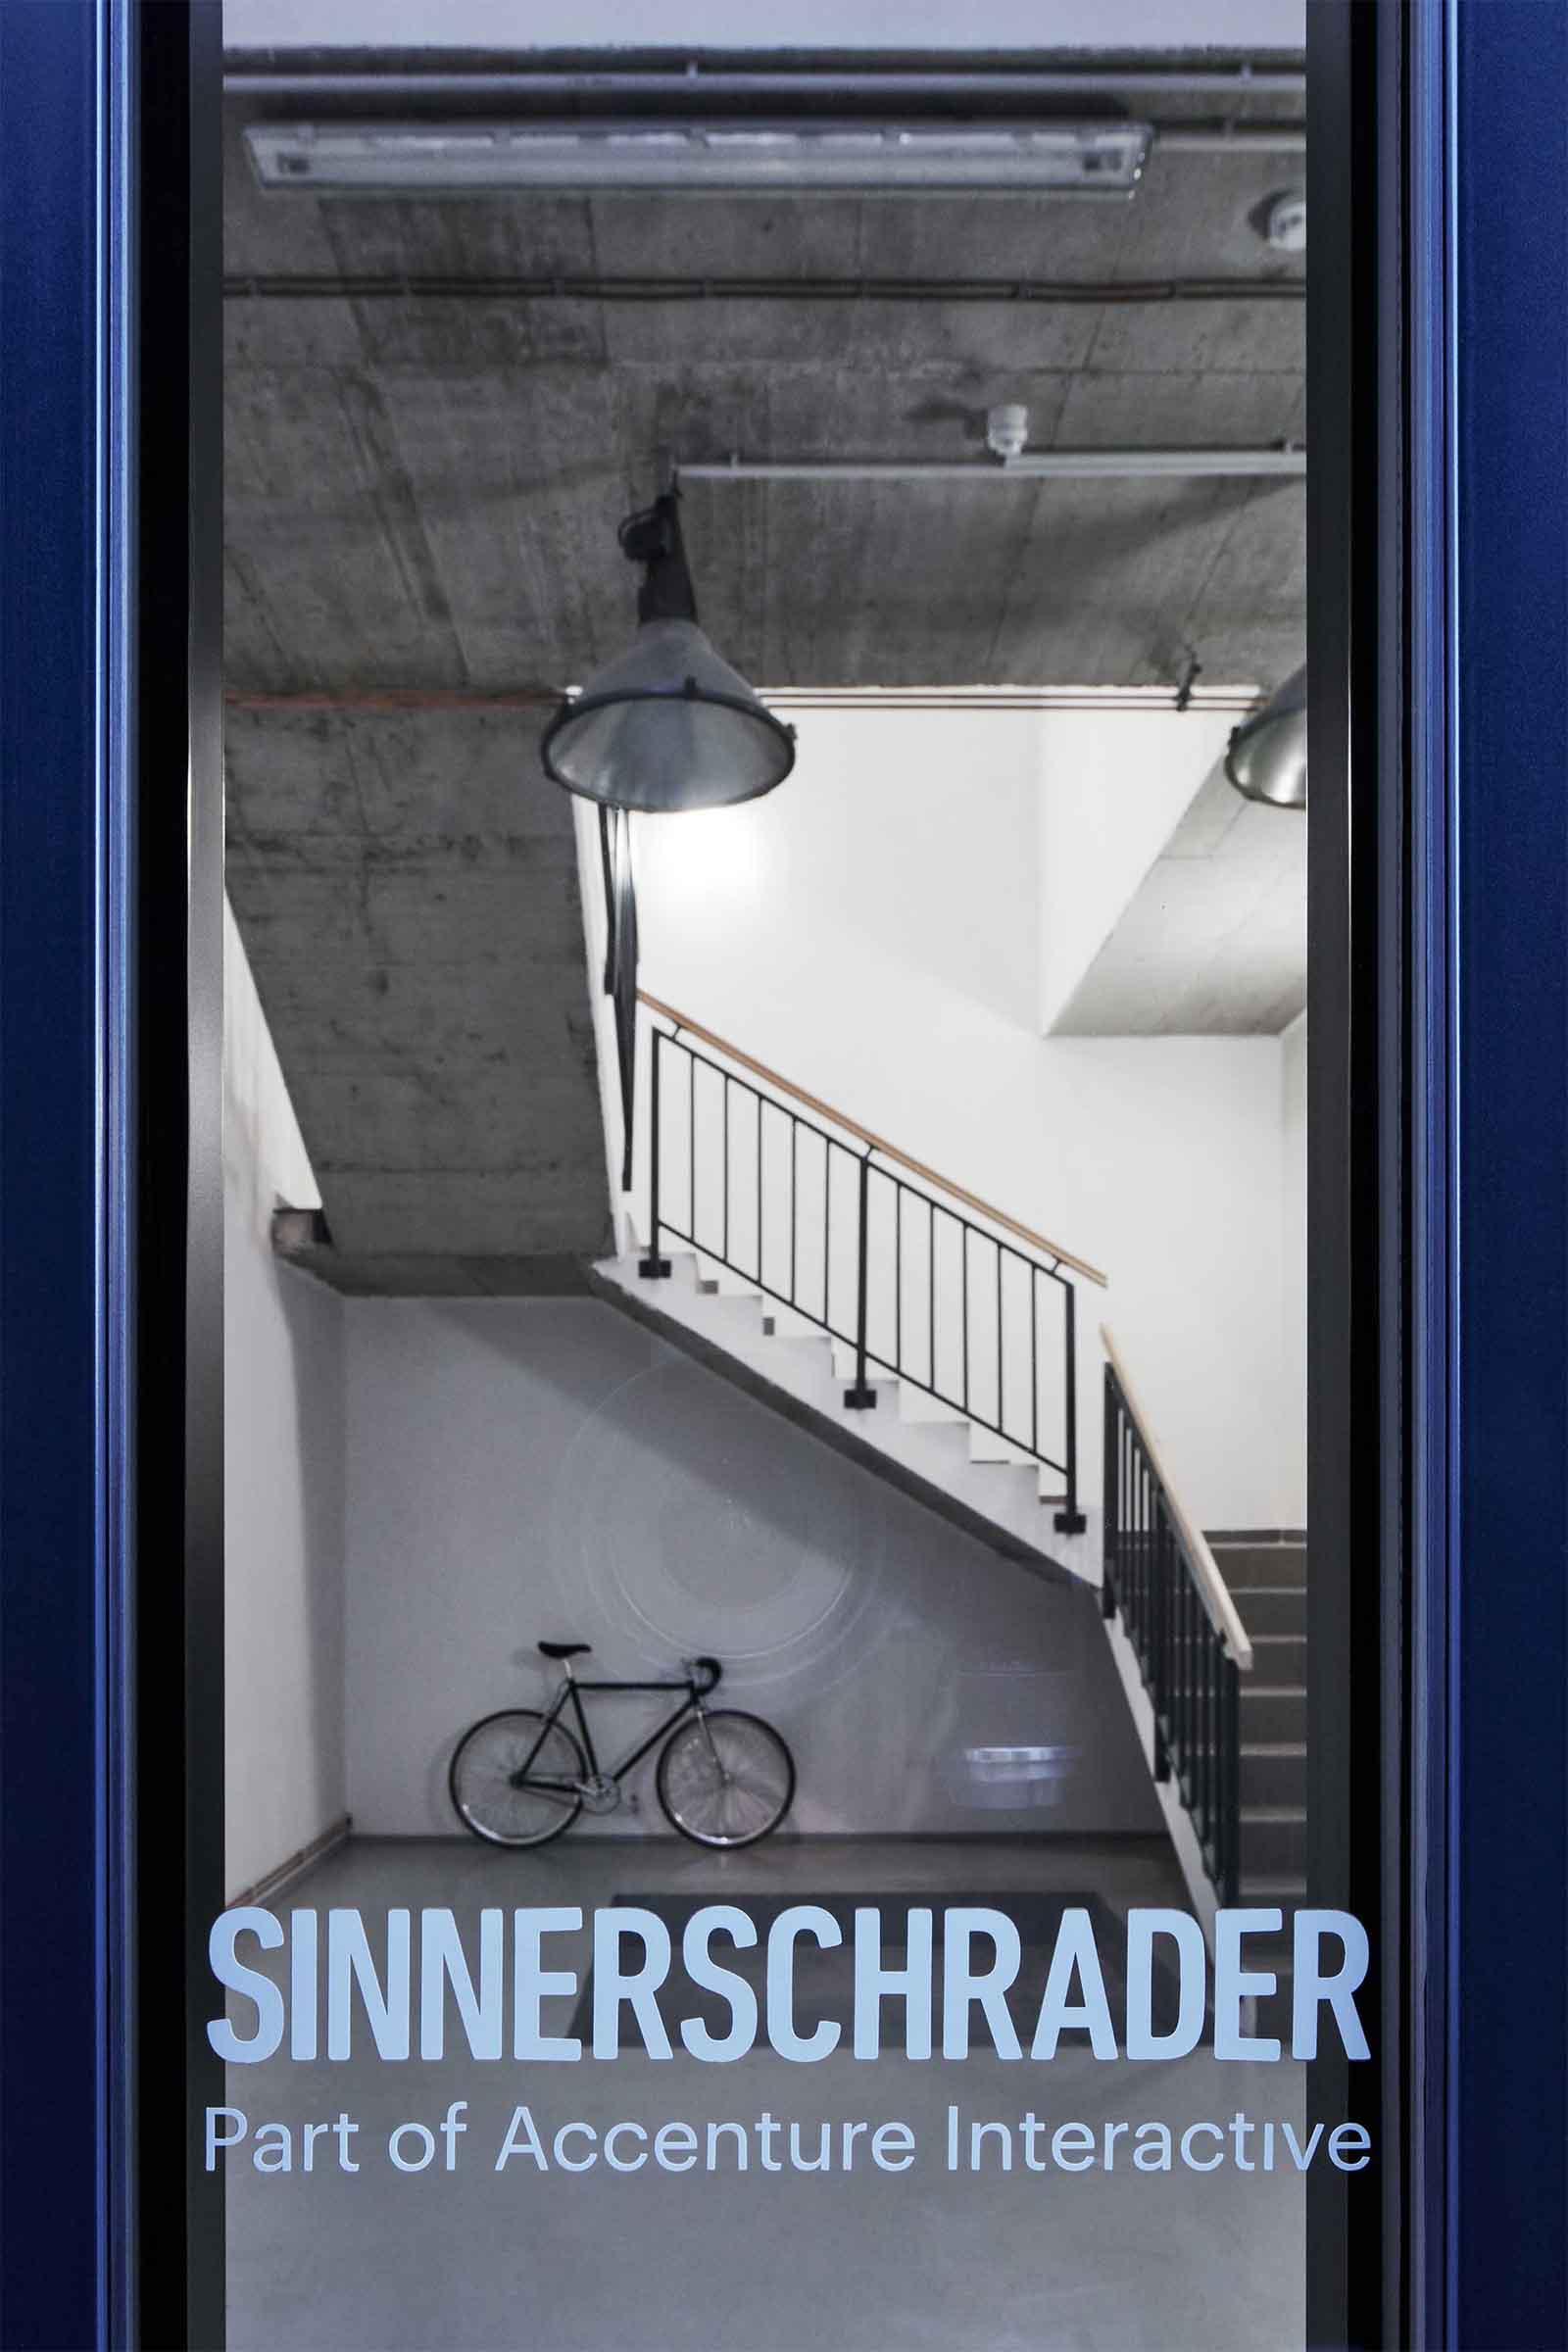 Kanceláře Sinnerschrader Praha - schodiště s plánovaným závěsným systémem na kola. Autor: Kurz architekti